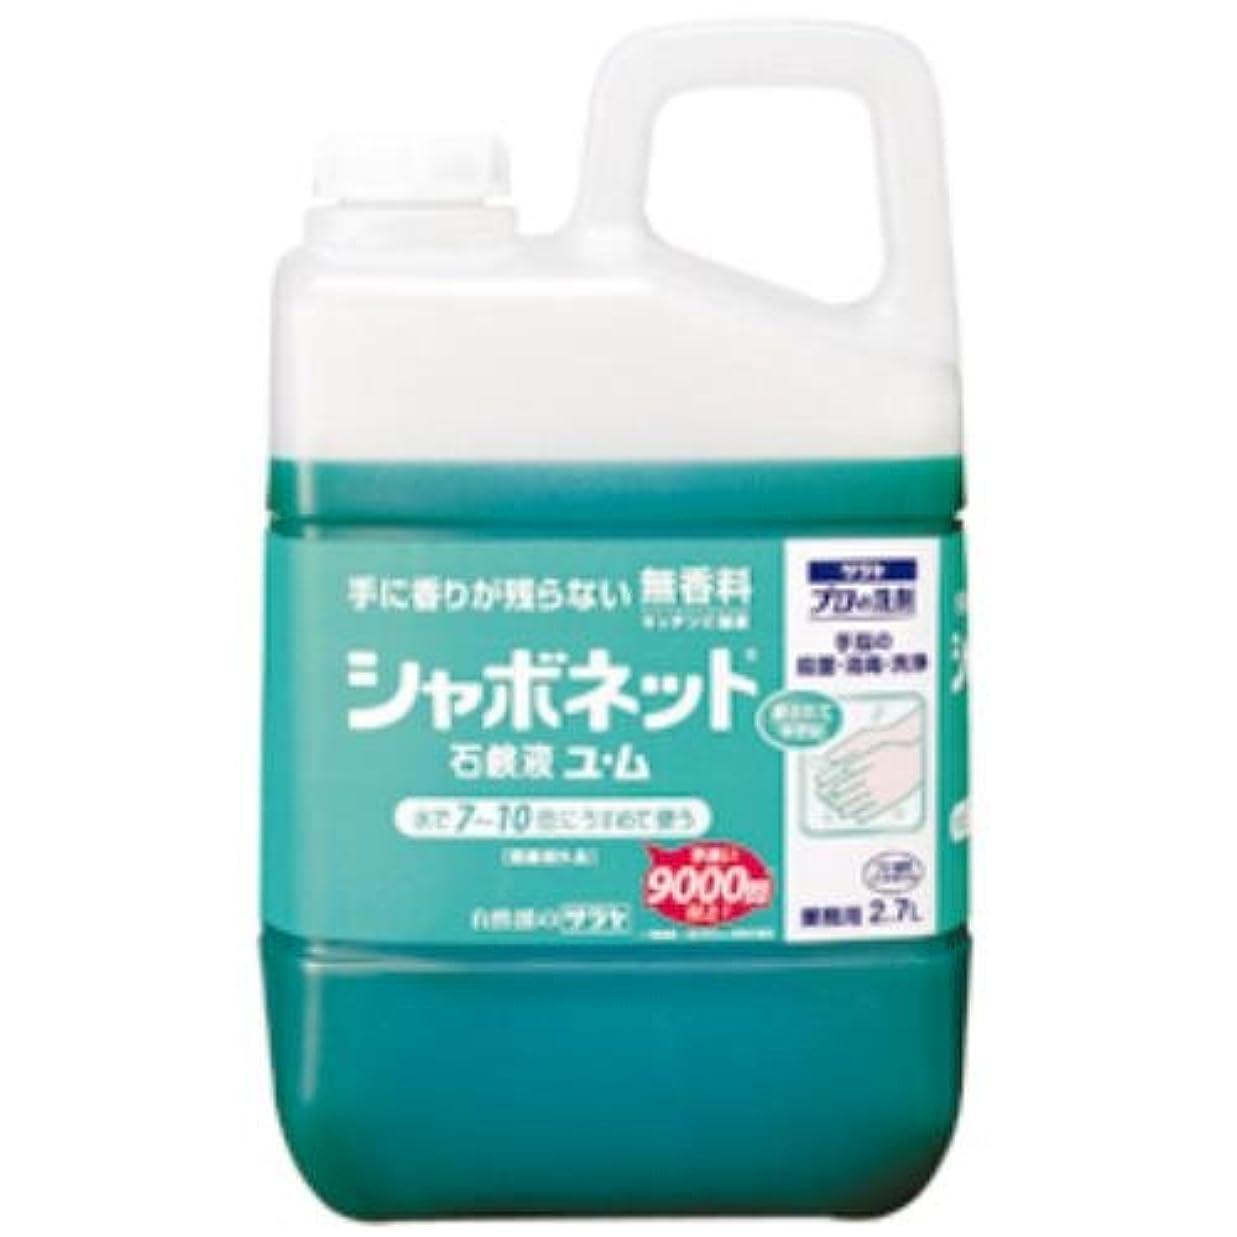 ペルメル産地生むシャボネット石鹸液ユ?ム2.7L 123-271